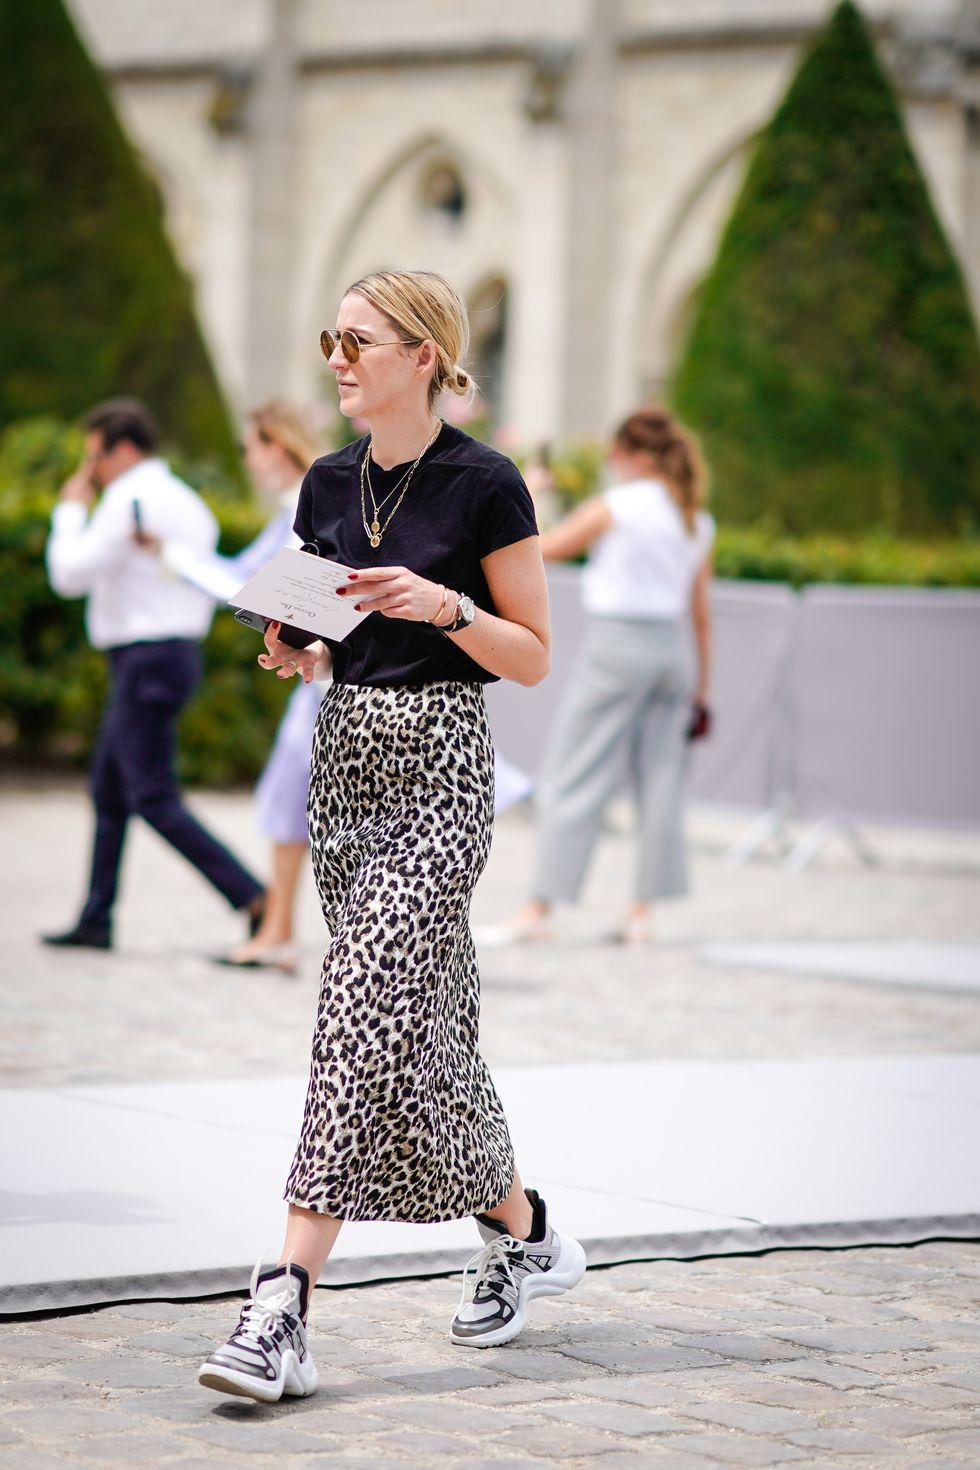 Visuel Femme en jupe longue léopard, T-shirt noir et sneakers Dior - Tendances 2019 - Article de blog ordinari.shop